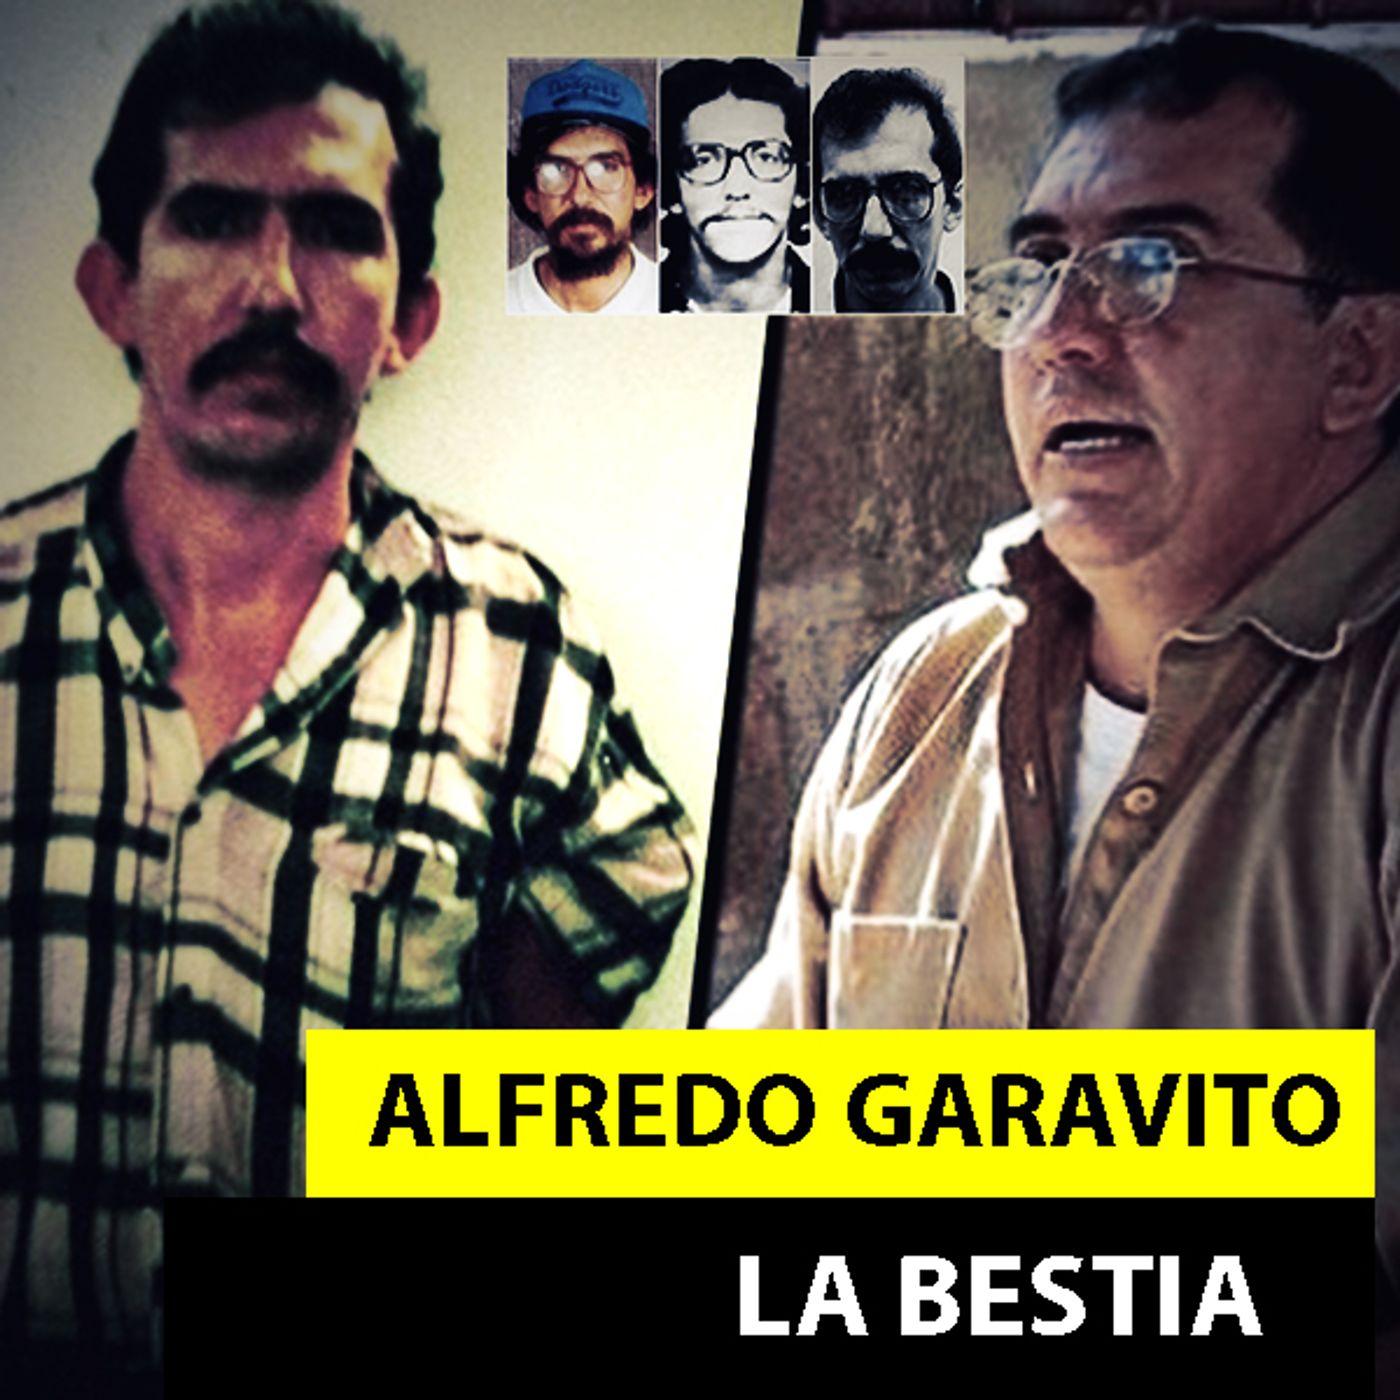 ALFREDO GARAVITO | EL ASESINO DE NIÑOS